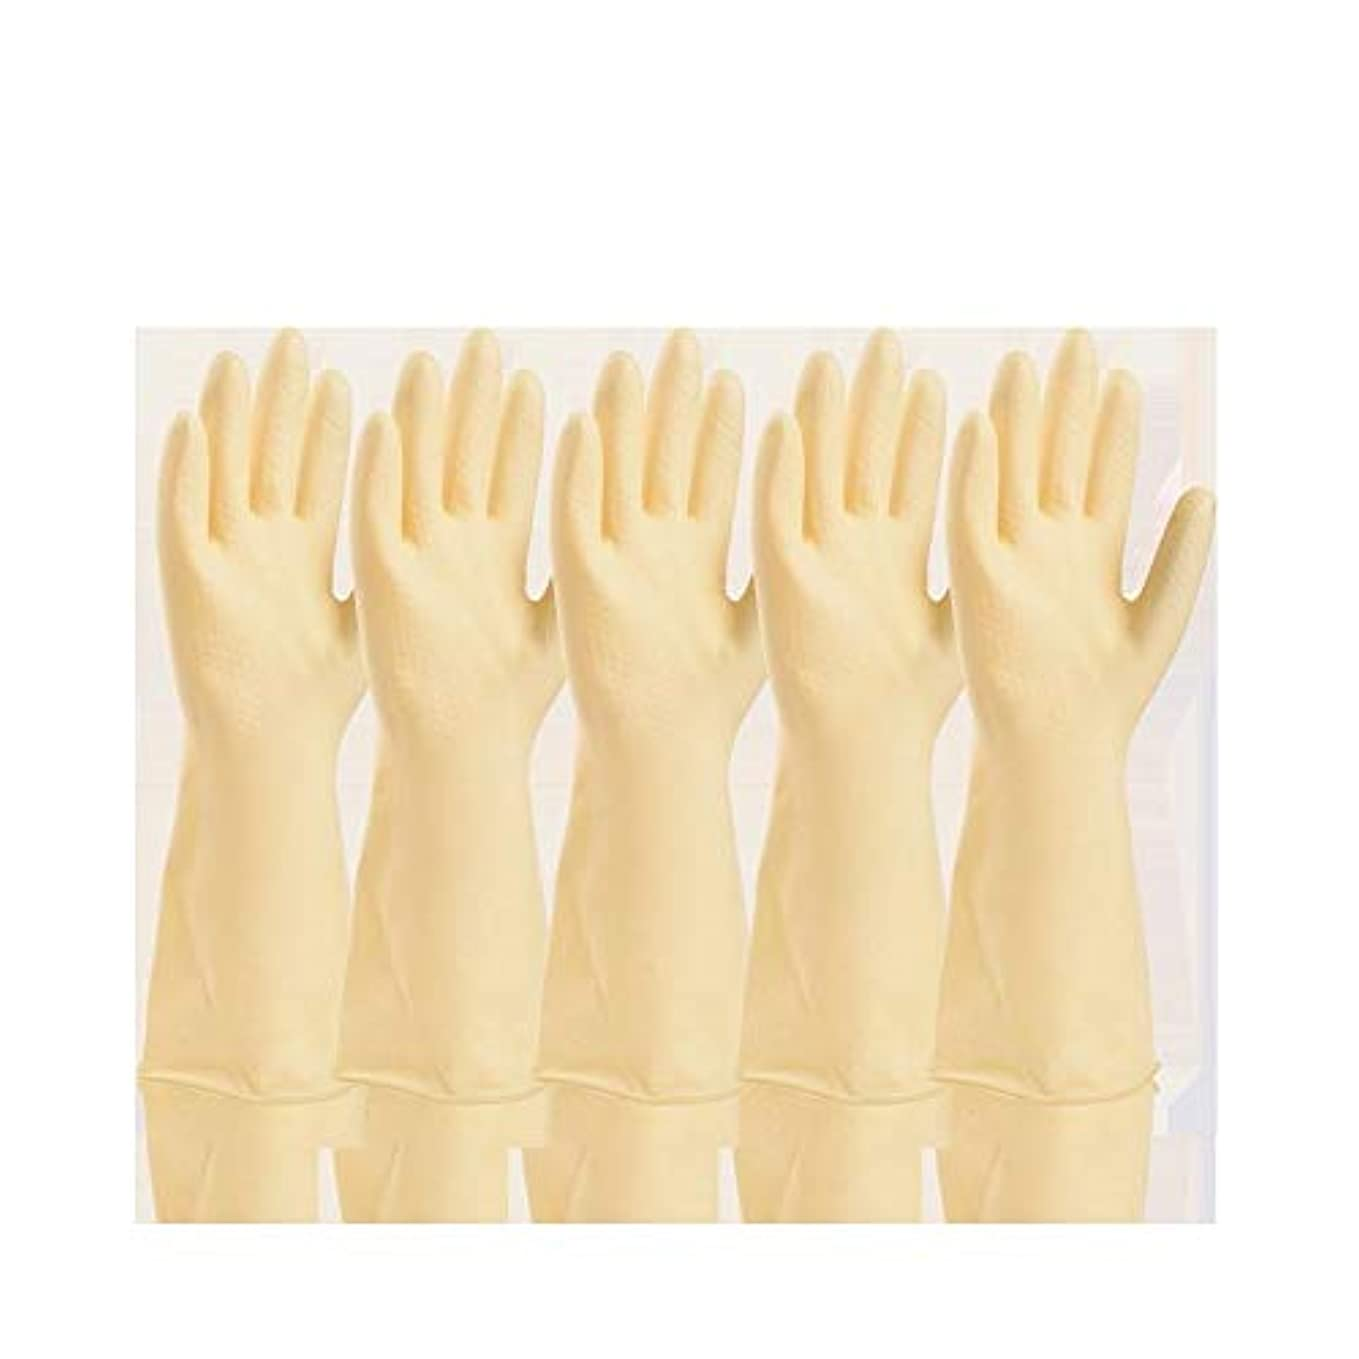 説明観察むしゃむしゃ使い捨て手袋 工業用手袋厚手のプラスチック製保護用耐水性防水ラテックス手袋、5ペア ニトリルゴム手袋 (Color : White, Size : S)